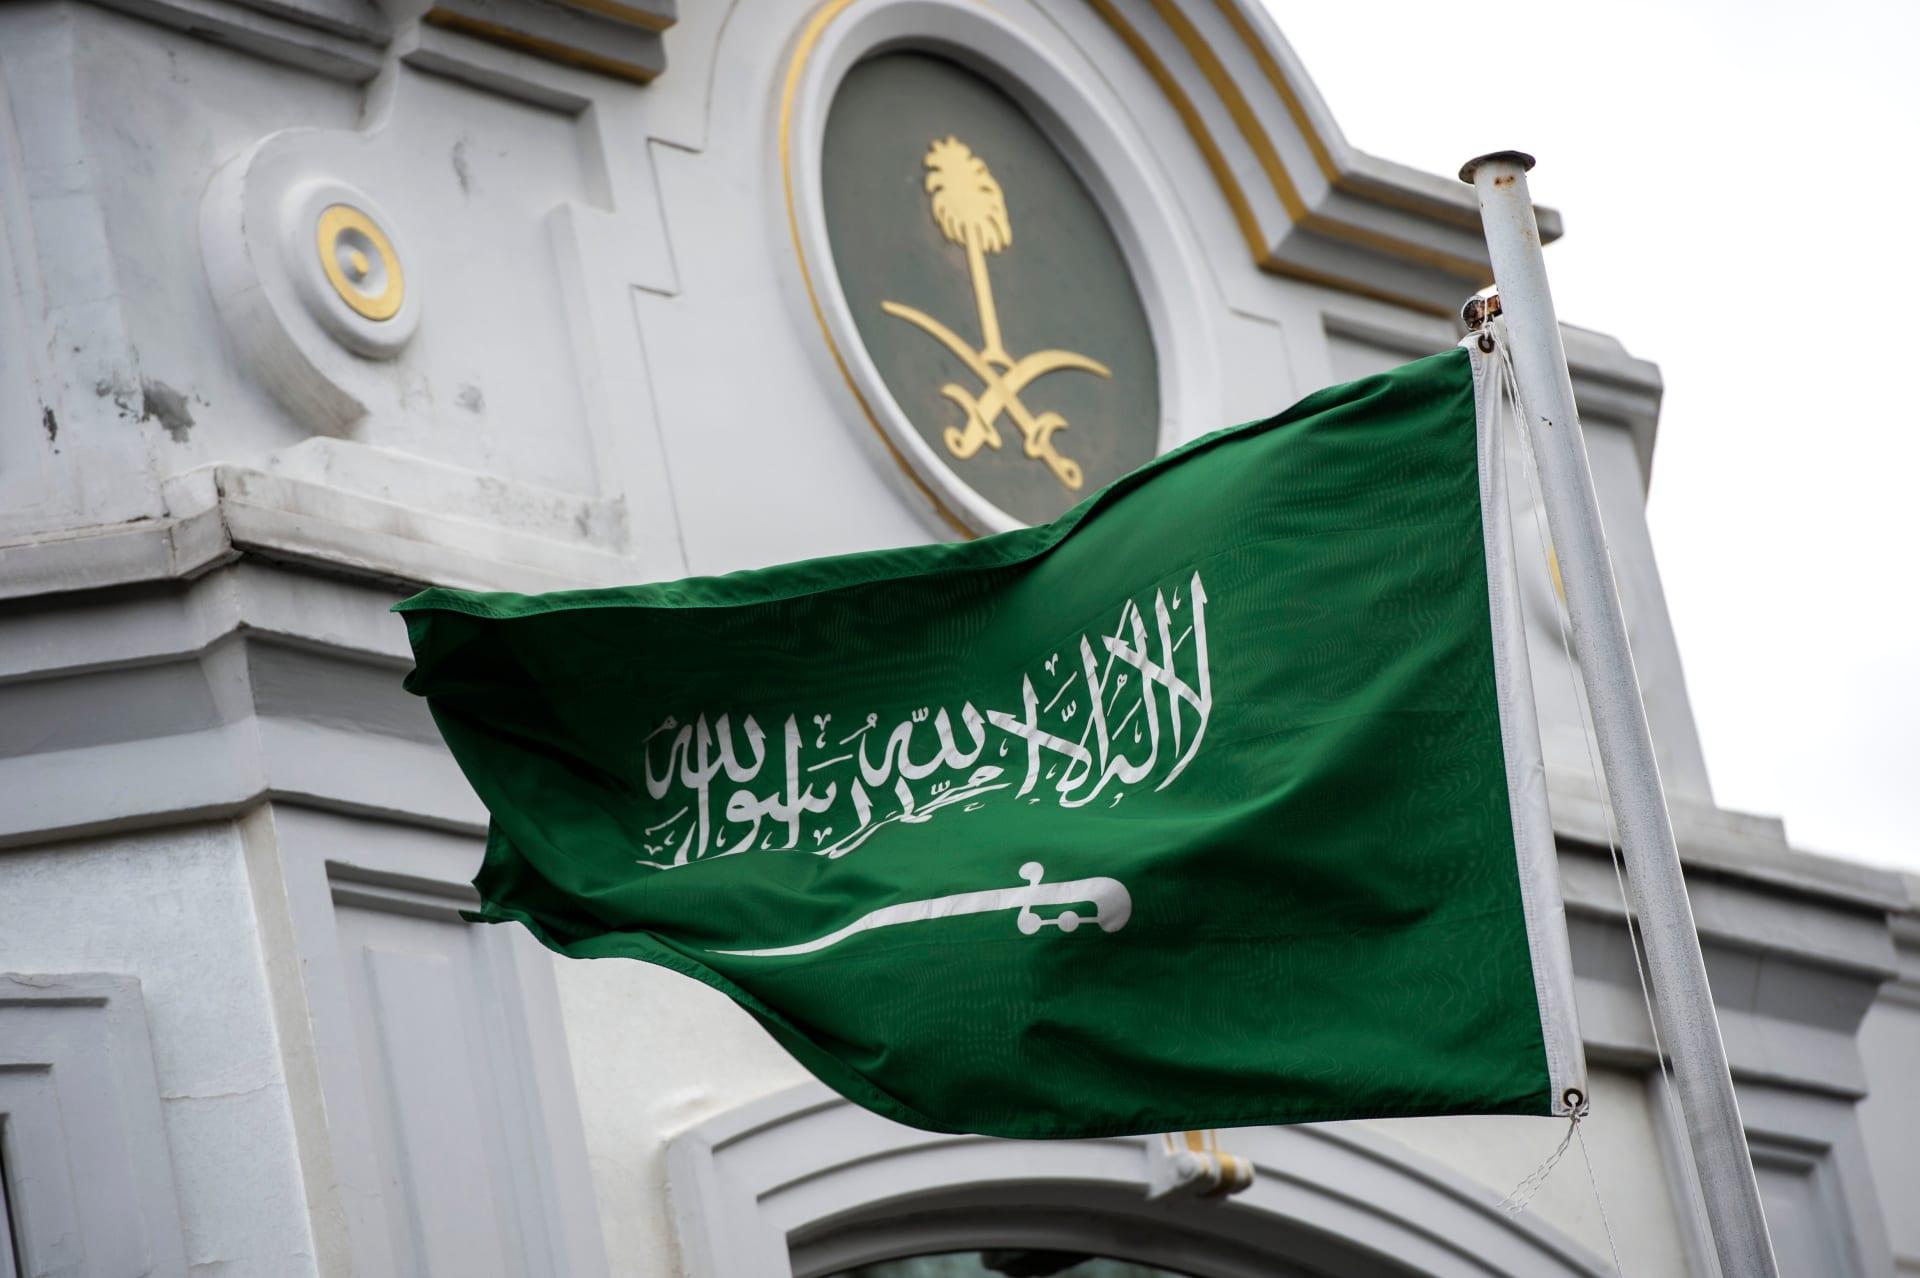 منظمة العفو الدولية تطالب السعودية بإلغاء عقوبة الإعدام